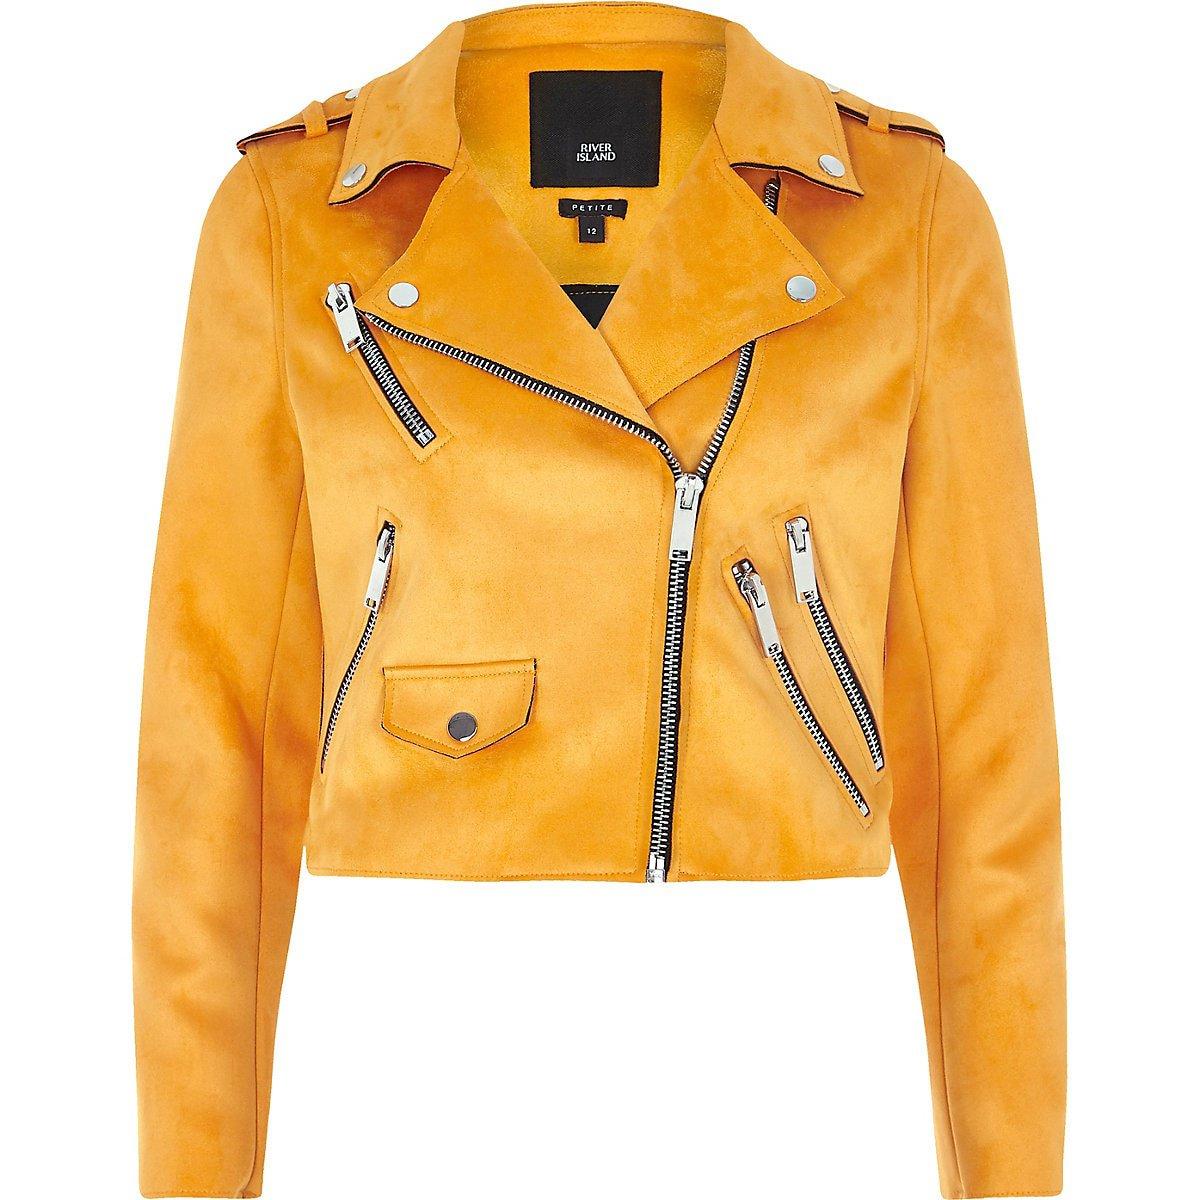 Petite orange faux suede biker jacket - Jackets - Coats & Jackets - women